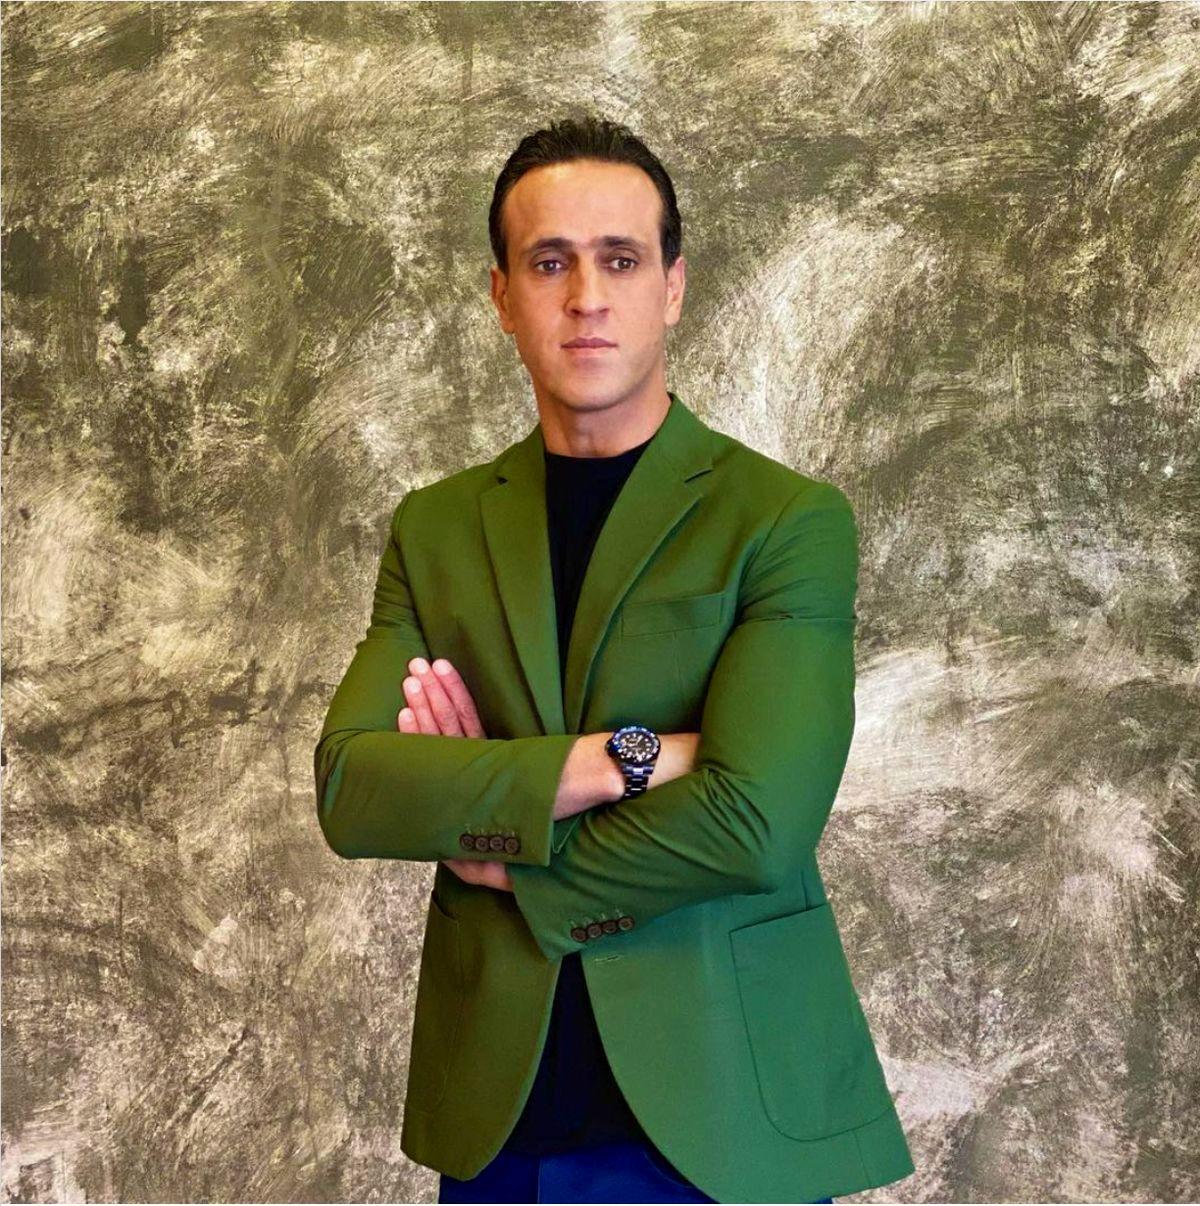 واکنش دلاوری به حمله به علی کریمی برای قبض برق نجومی اش / ویدئو